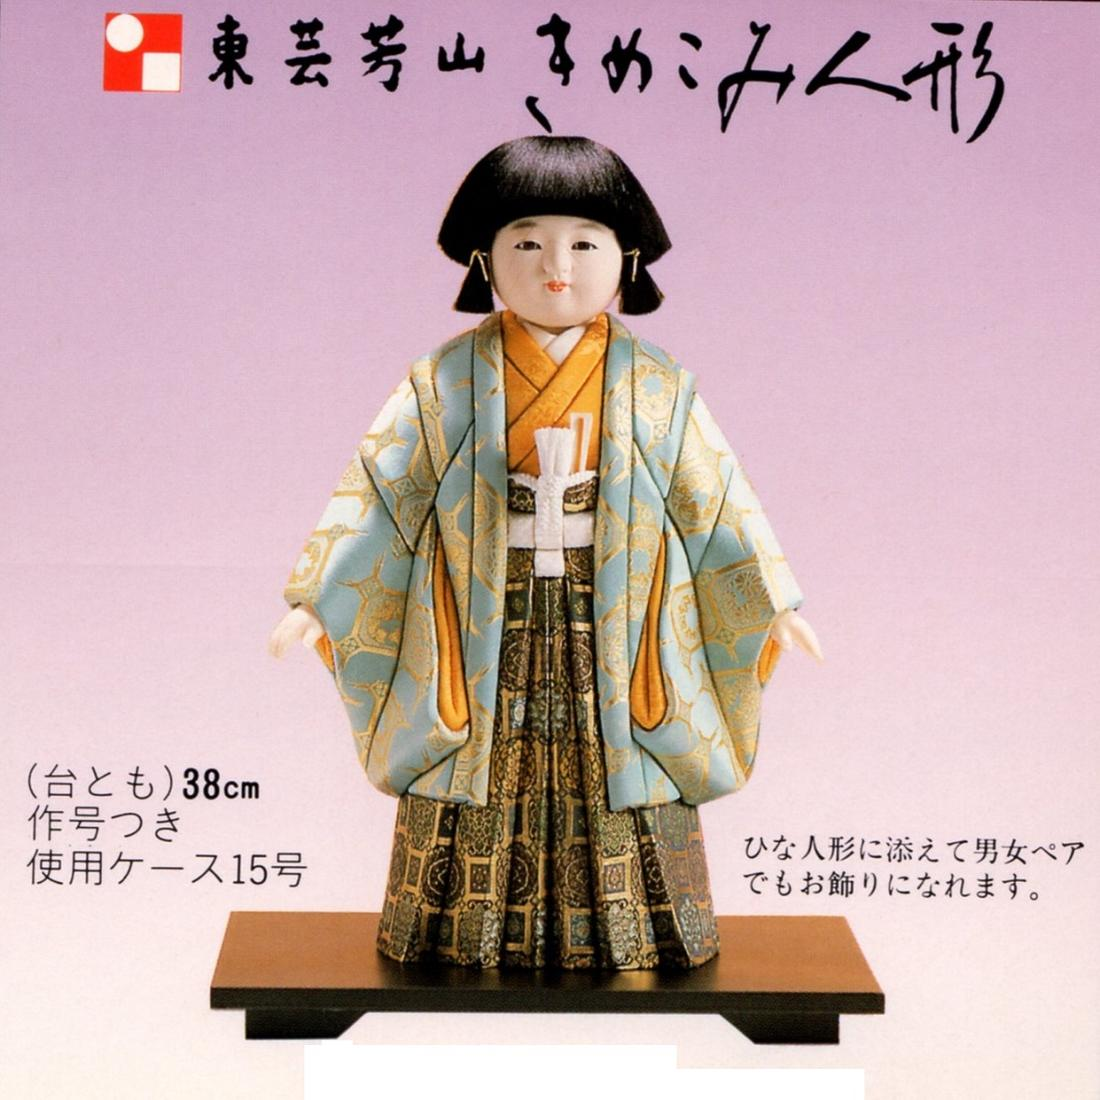 東芸 木目込人形キット「寿市松人形・男」 K292-15